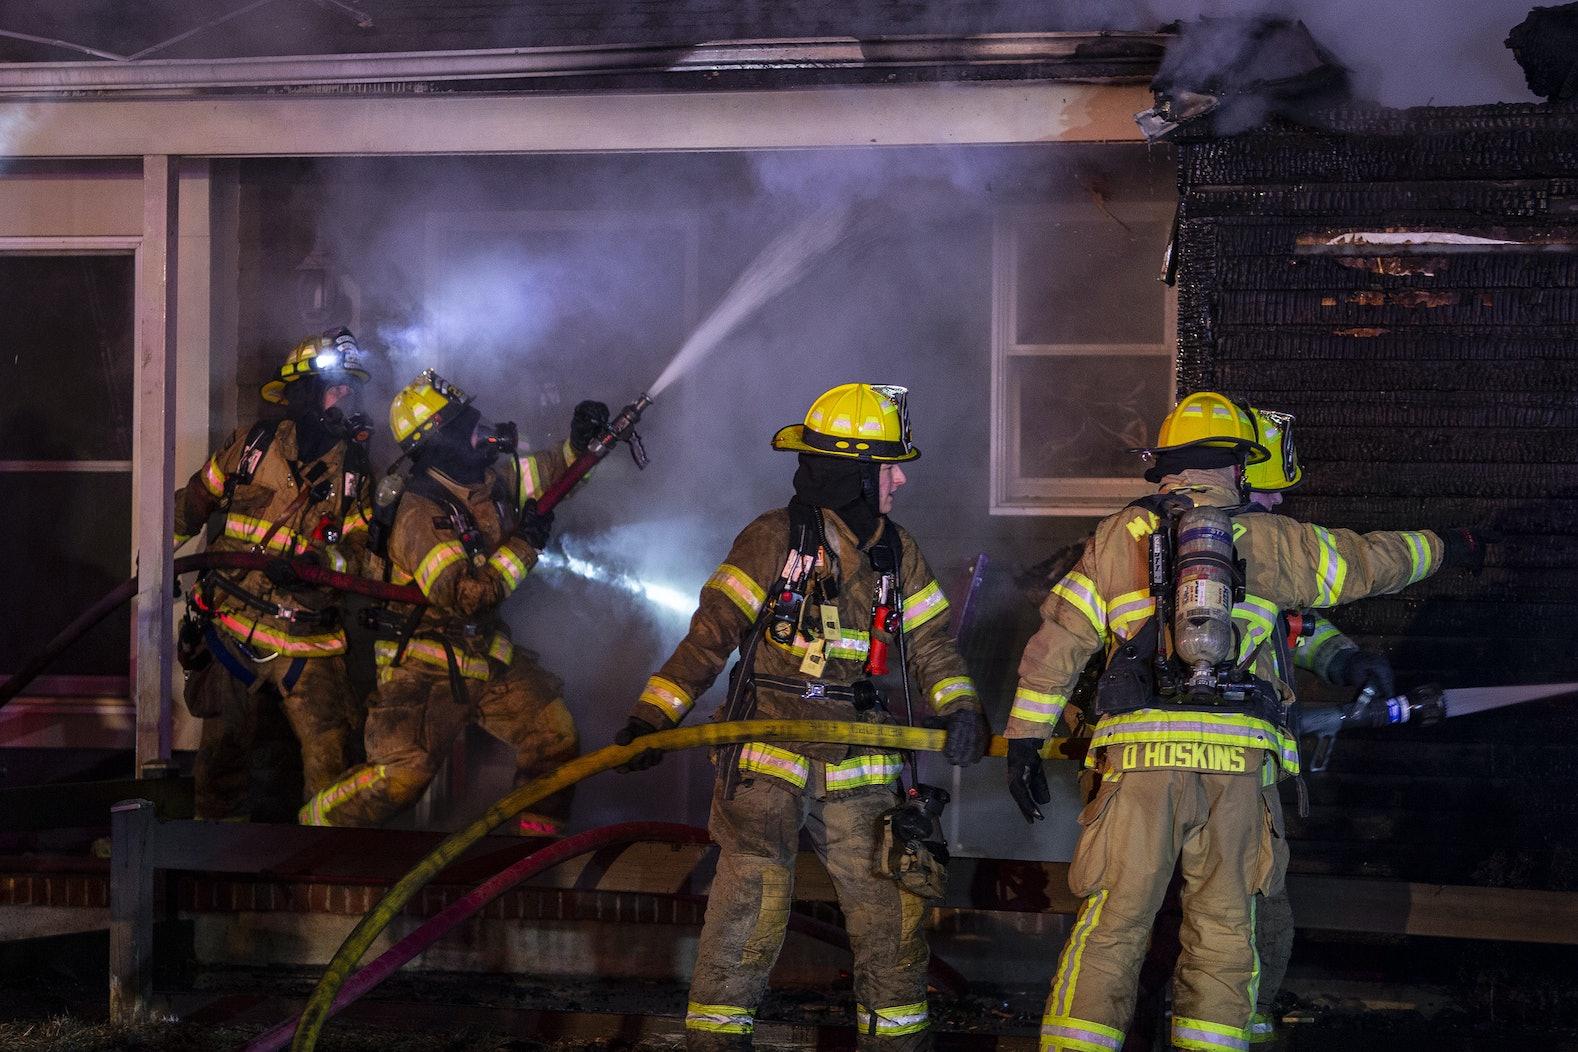 Firefighters : Dave Hernandez : Medford, NJ